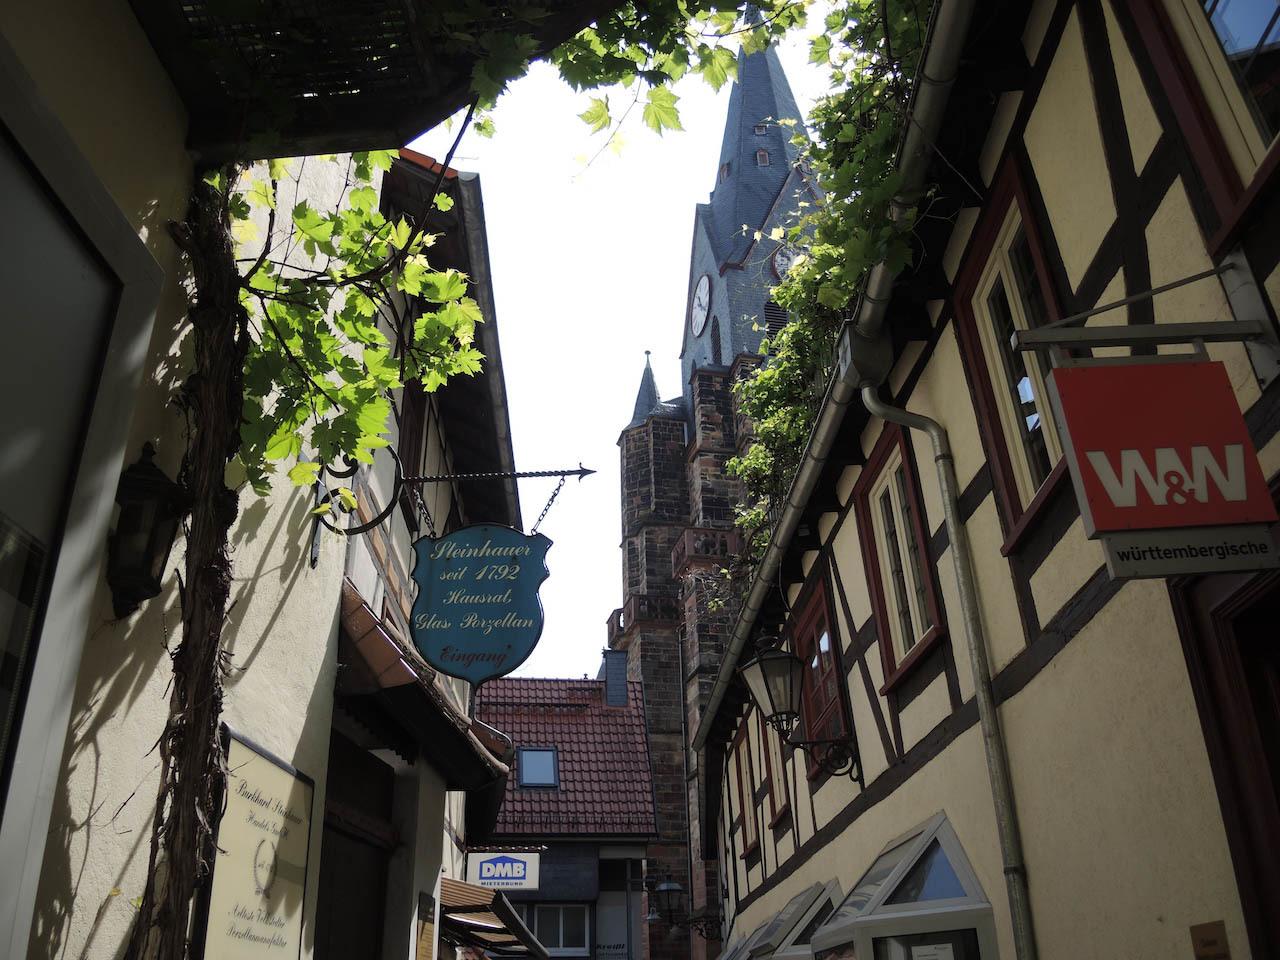 Friedberg の街で見かけた文字(2)おもしろい数字がたくさん_e0175918_00050244.jpeg